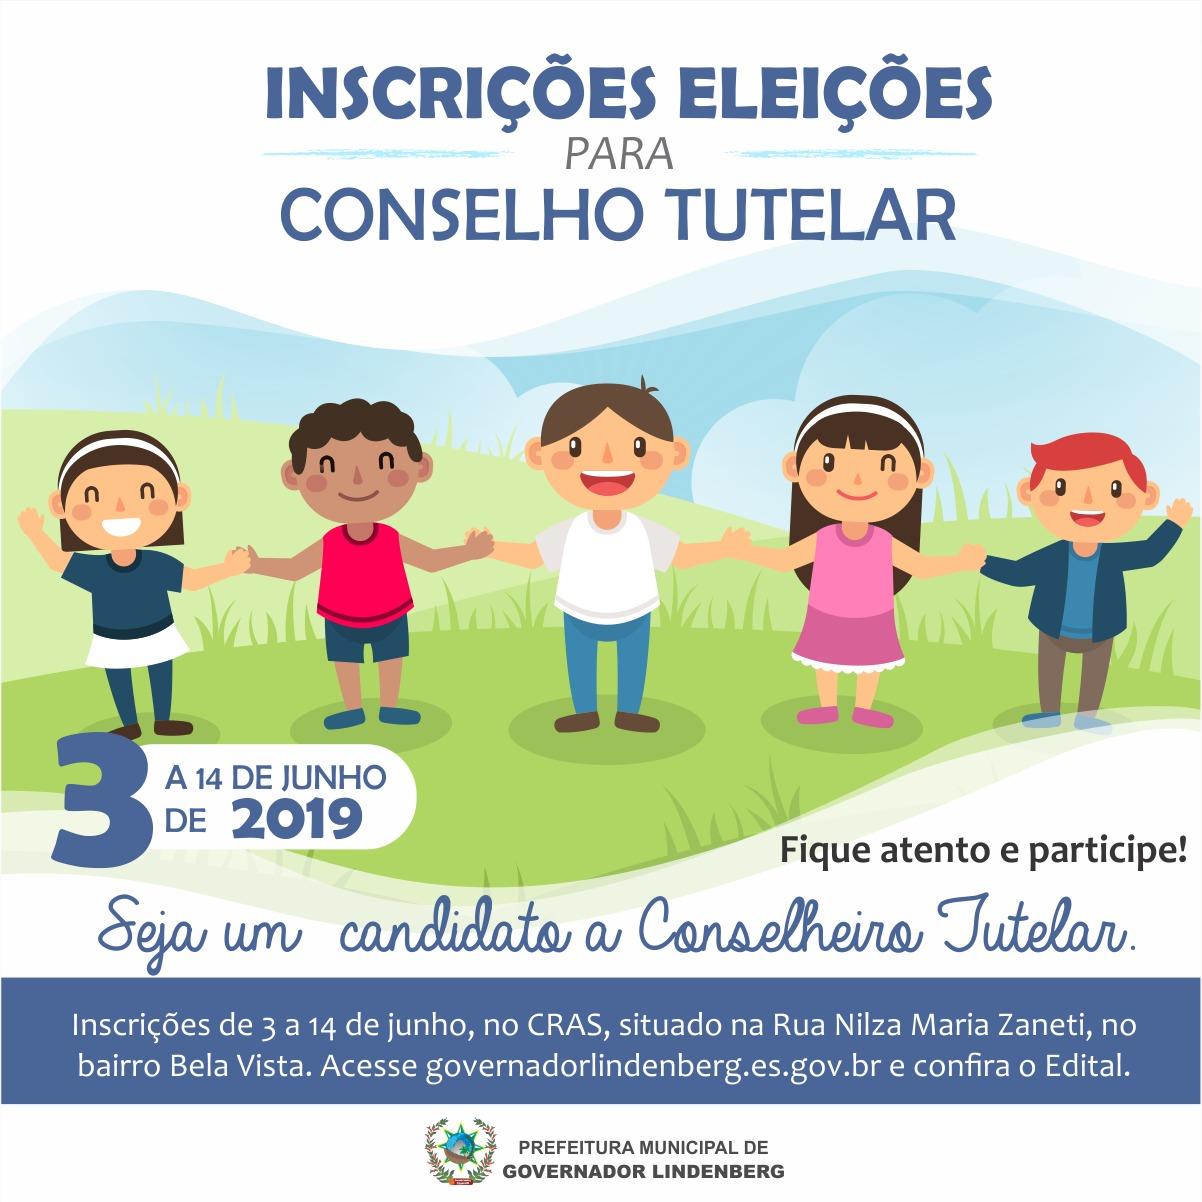 Edital de Convocação para Eleição de Conselheiros Tutelares.